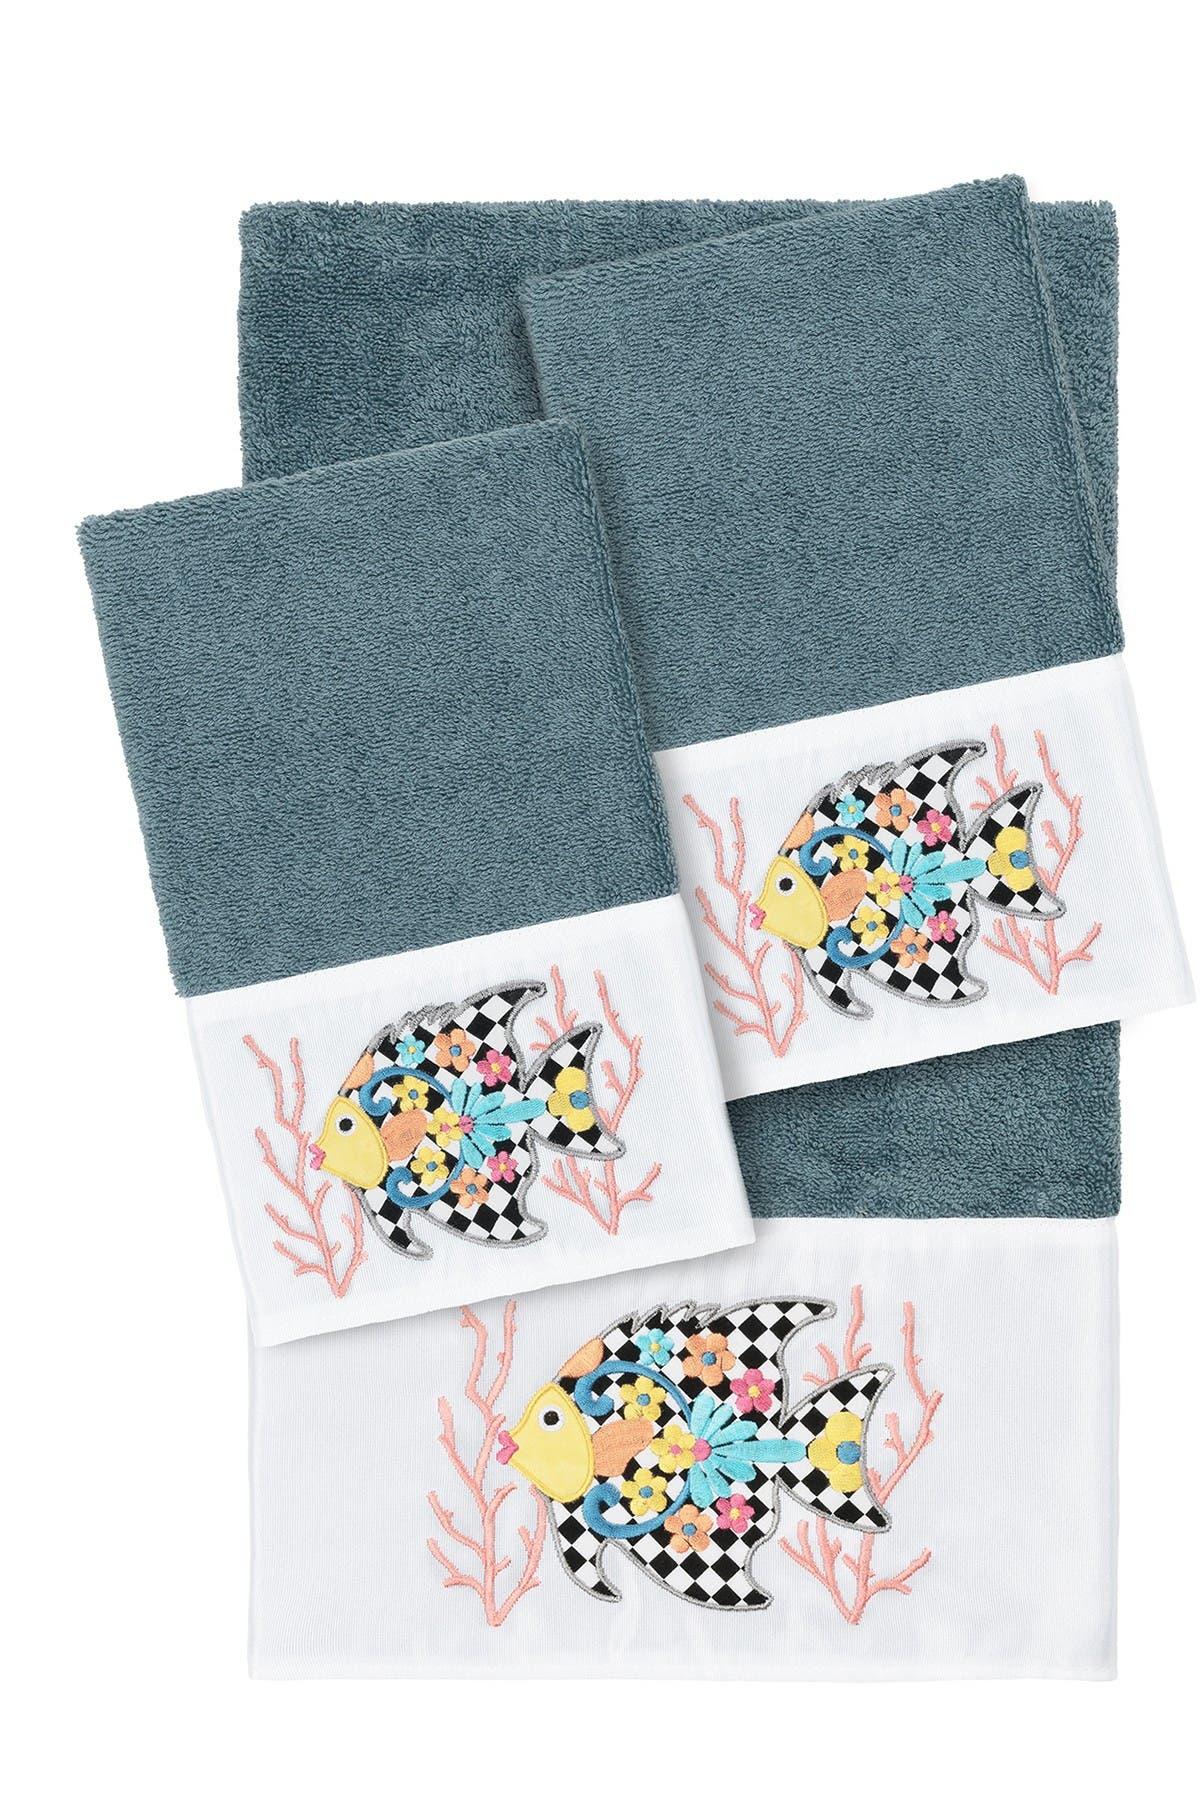 Image of LINUM HOME Feliz 3-Piece Embellished Towel - Teal